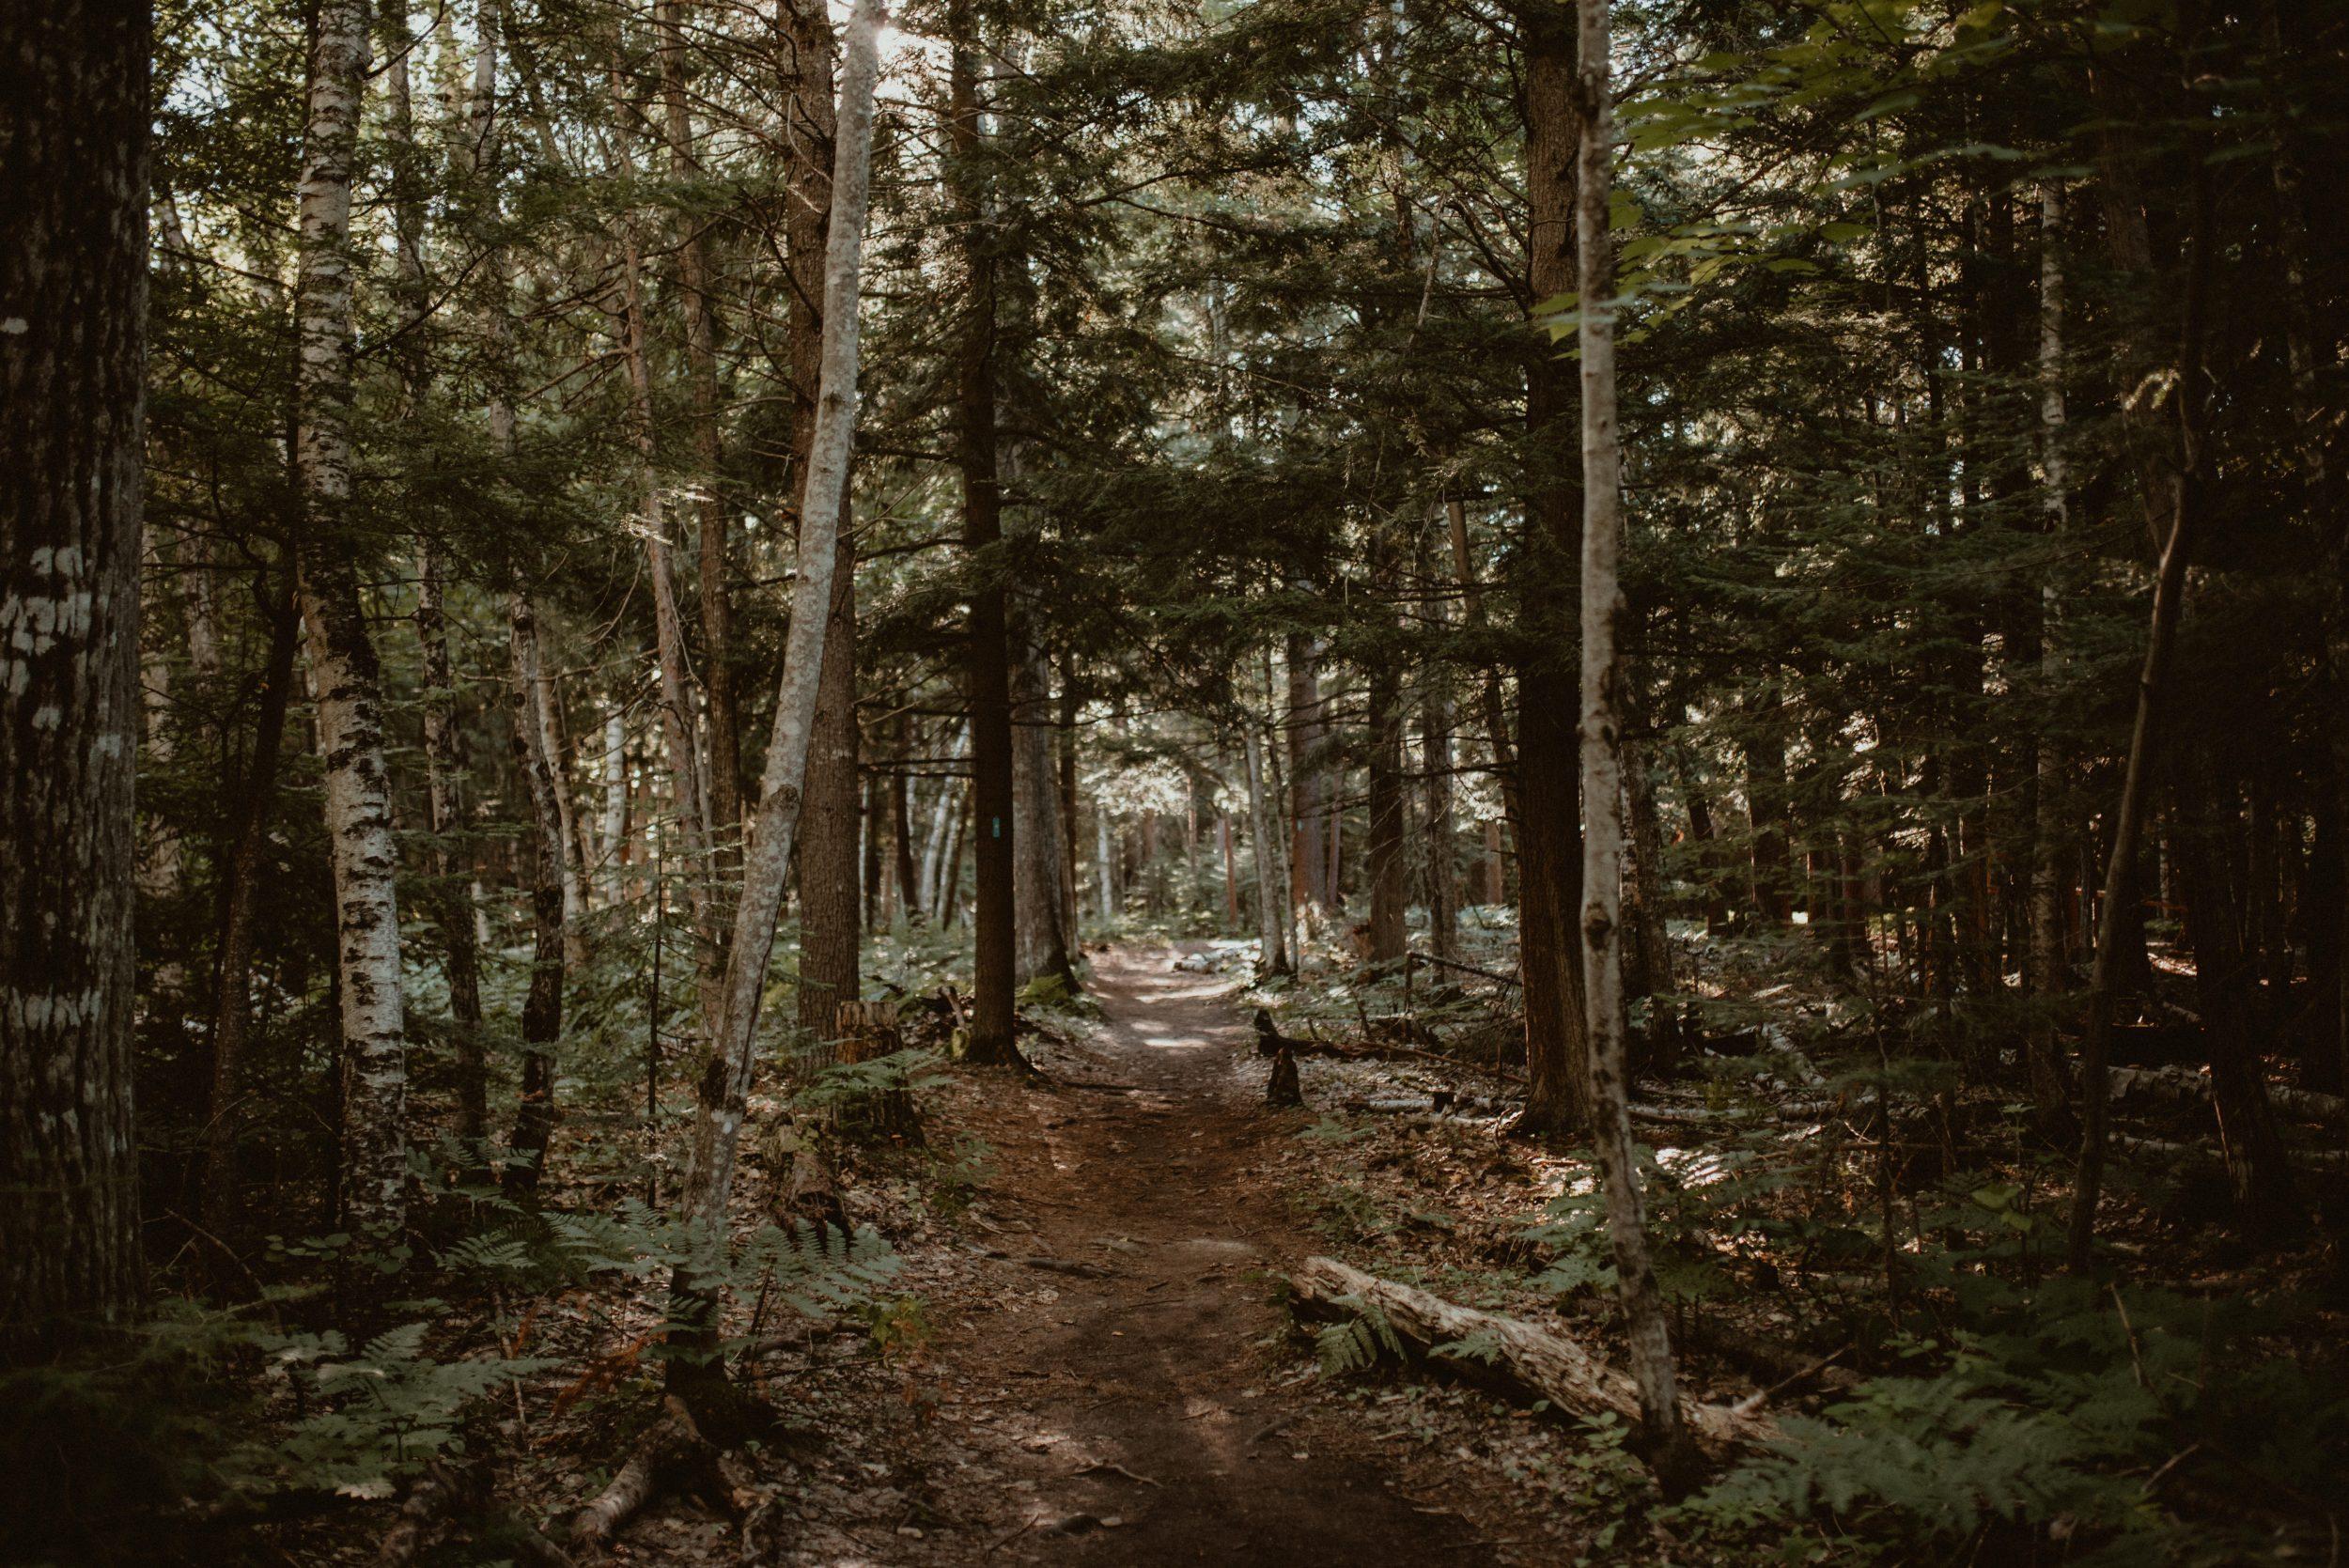 Forest trail near Marquette, Michigan